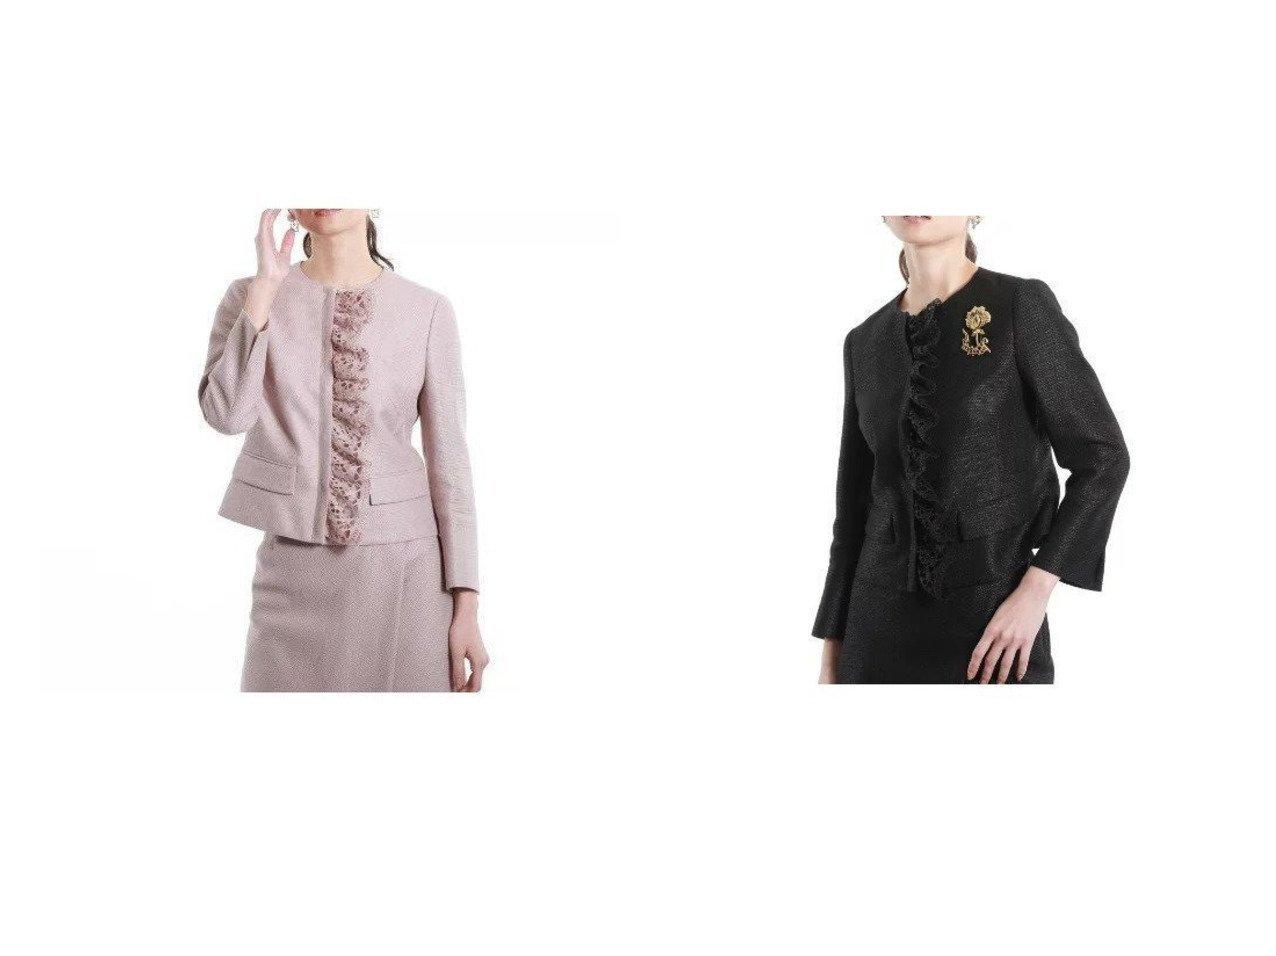 【EPOCA/エポカ】のリネンシャイニーツィードジャケット アウターのおすすめ!人気、トレンド・レディースファッションの通販 おすすめで人気の流行・トレンド、ファッションの通販商品 メンズファッション・キッズファッション・インテリア・家具・レディースファッション・服の通販 founy(ファニー) https://founy.com/ ファッション Fashion レディースファッション WOMEN アウター Coat Outerwear ジャケット Jackets シンプル ジャケット セットアップ フォルム フリル  ID:crp329100000023583